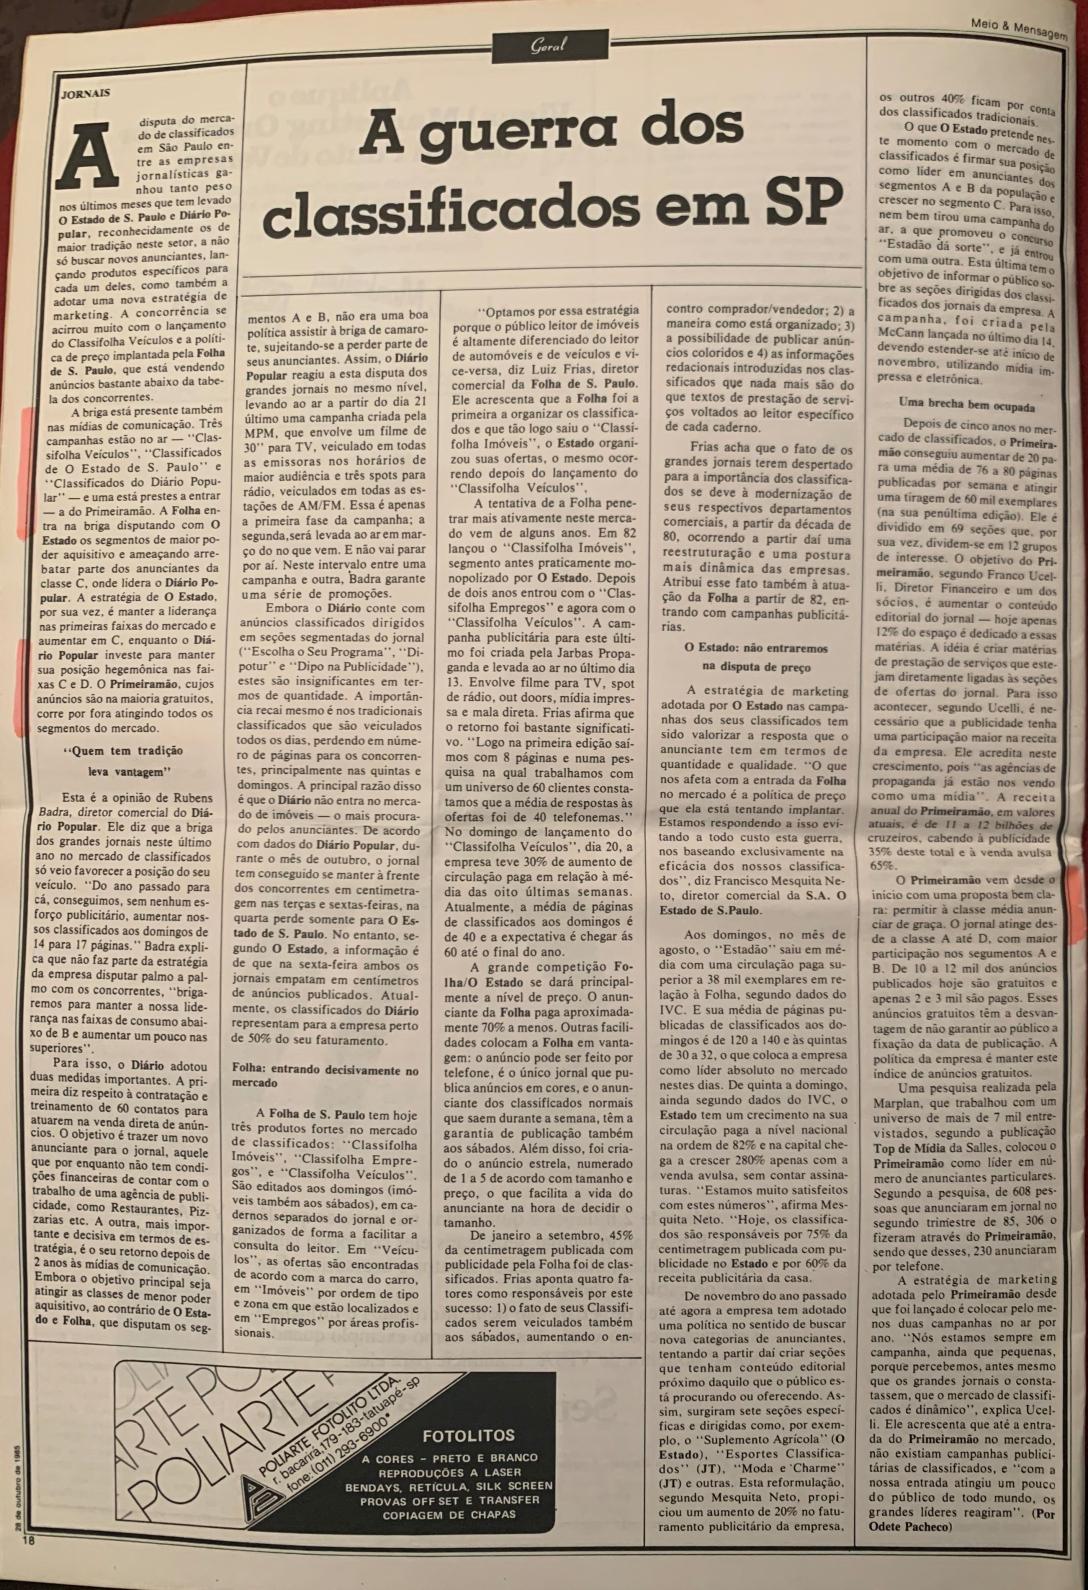 1985-28-10 materia jornal Meio e Mensagem